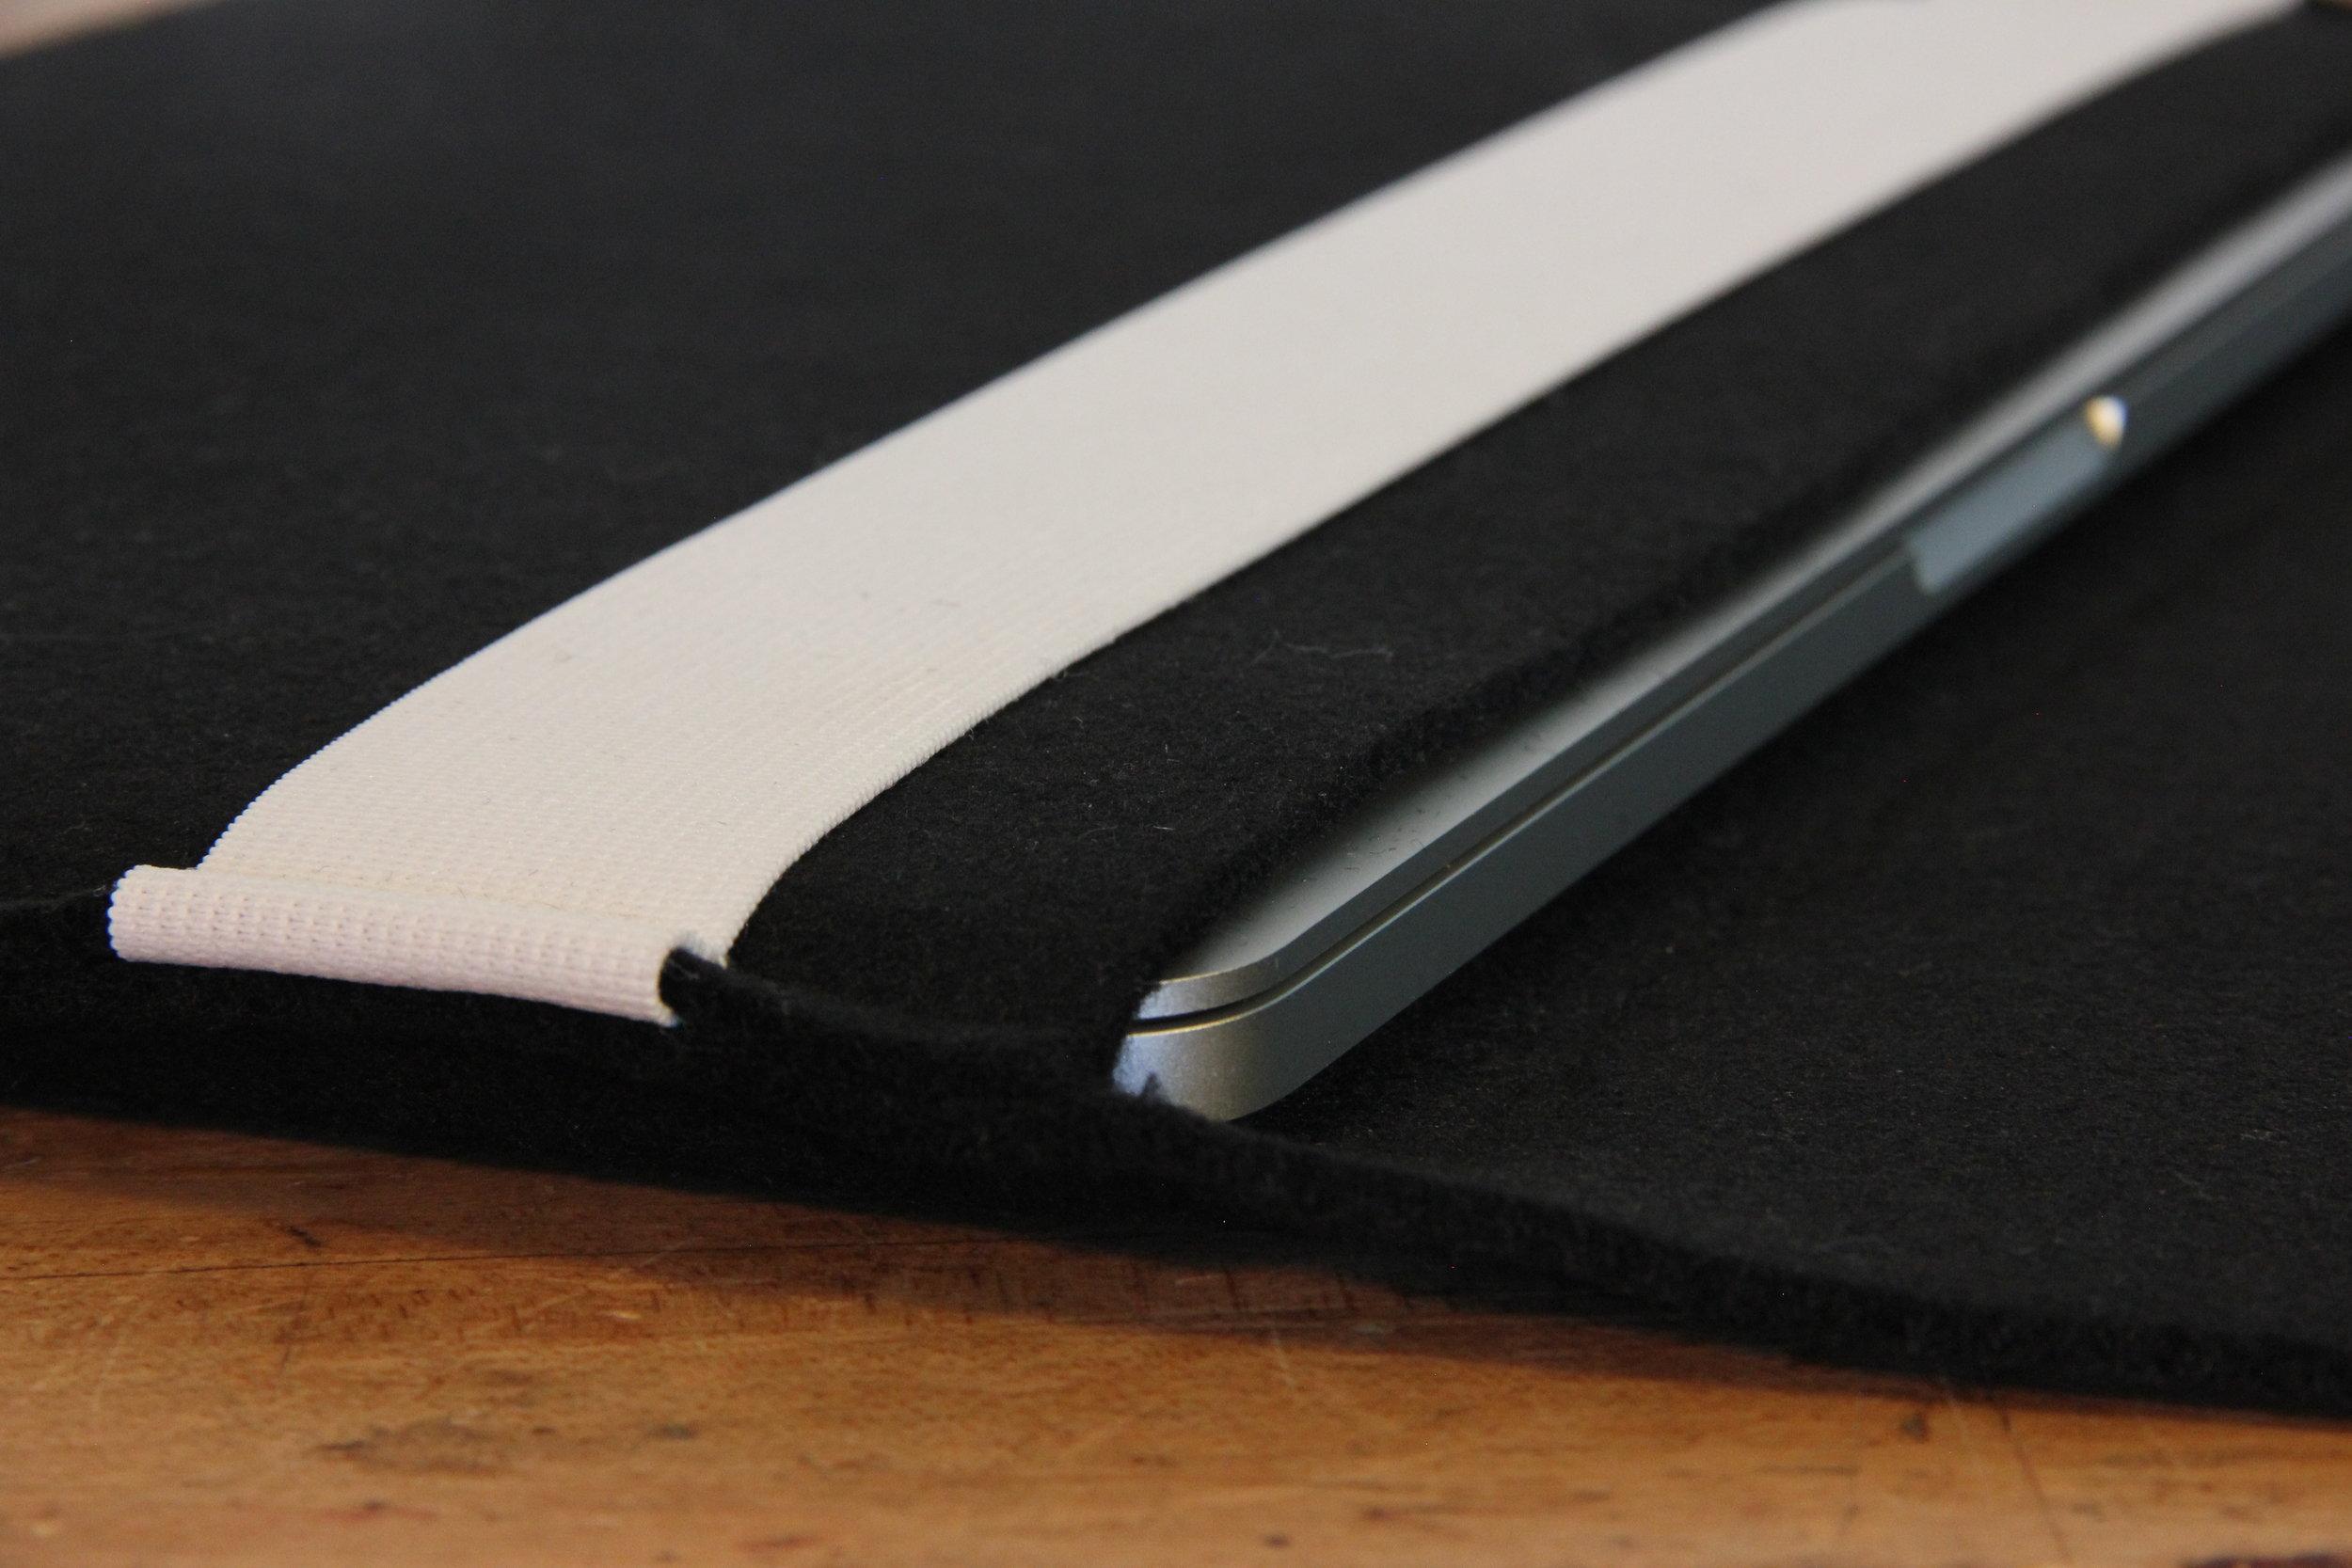 Felt Laptop Sleeve detail